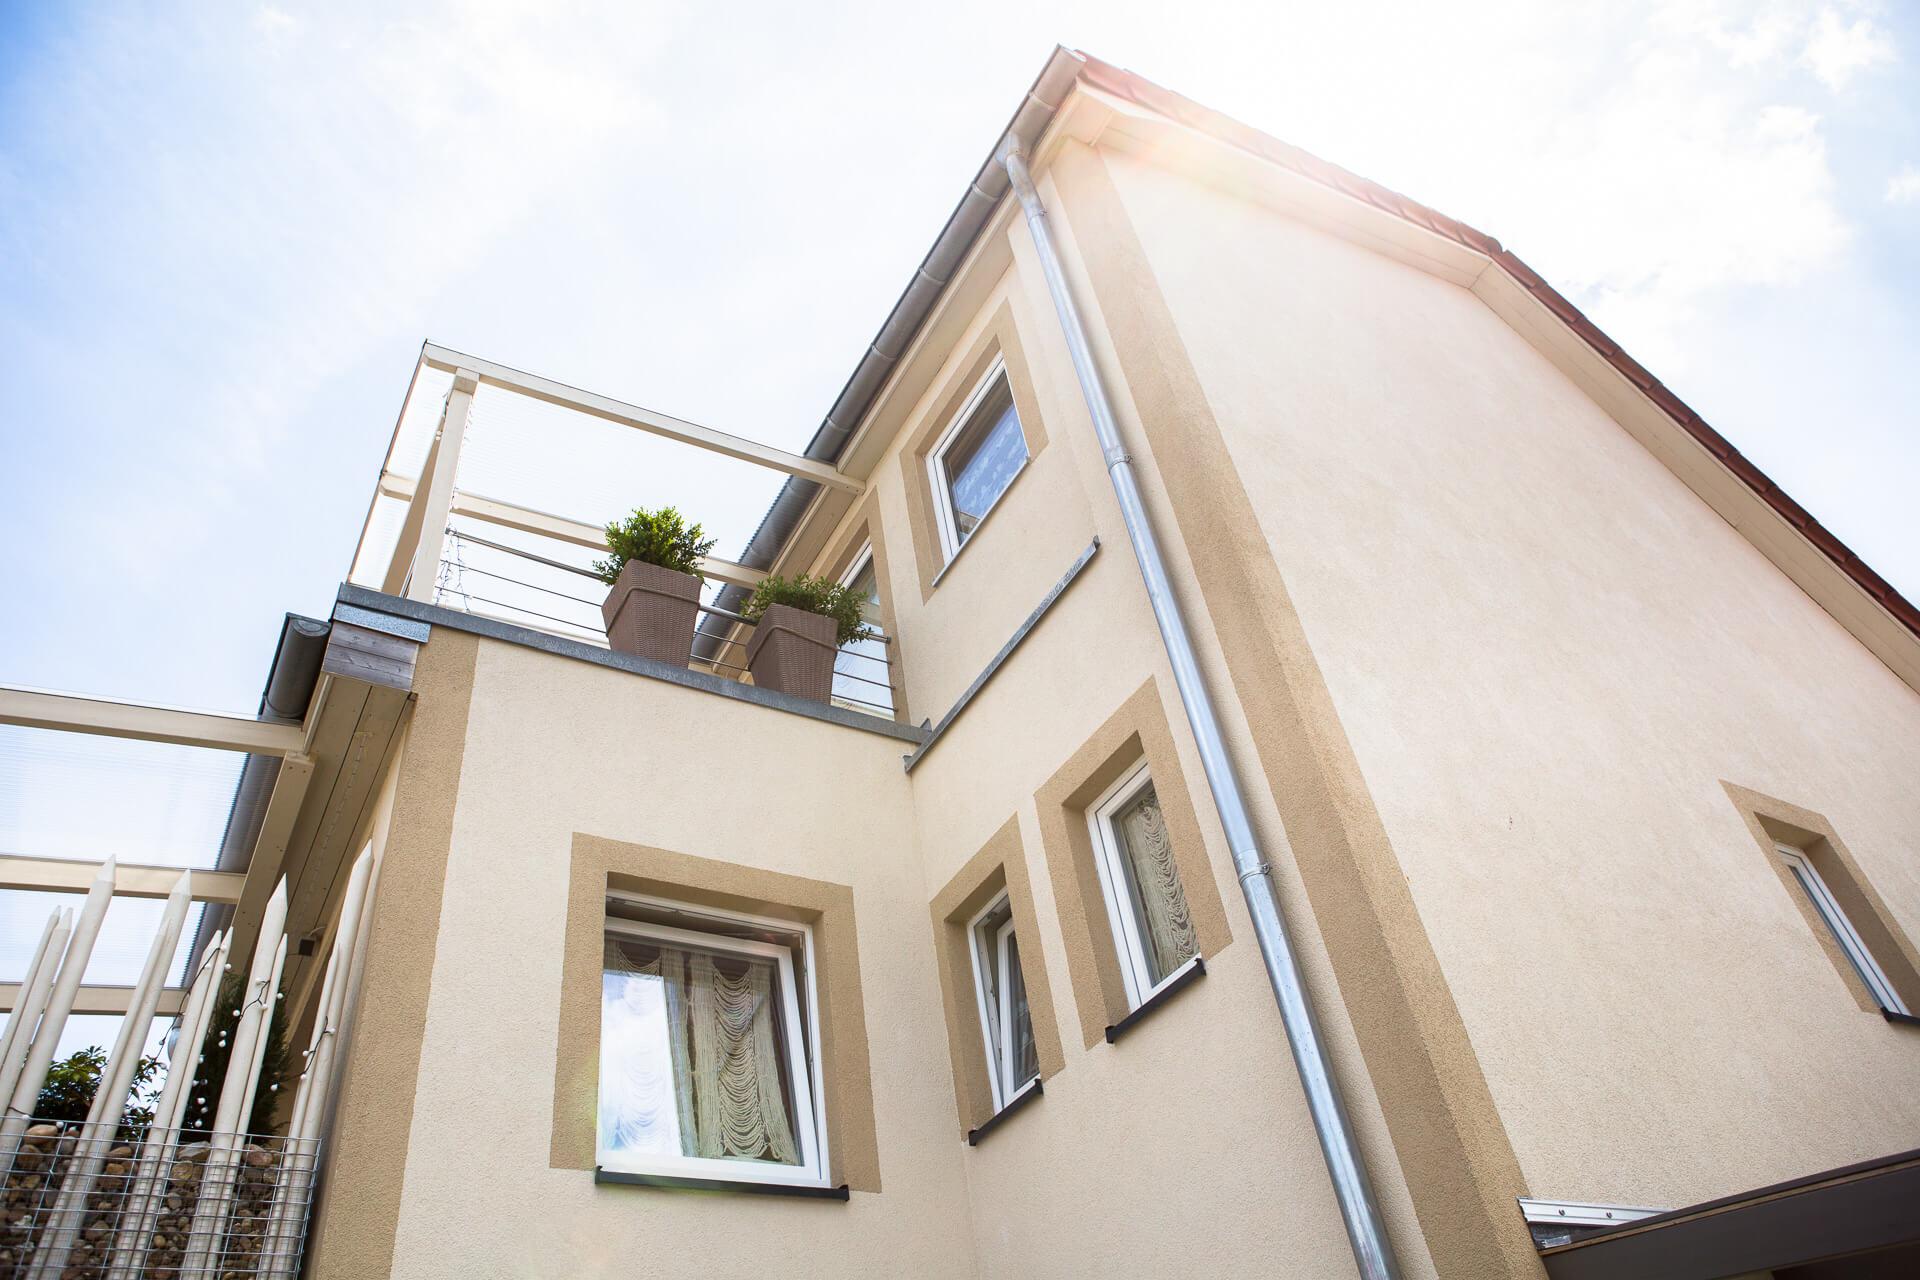 Foto Ryan Baugestaltung Appartmenthaus Lueneburg aussen mit vielen Fenstern und Balkon